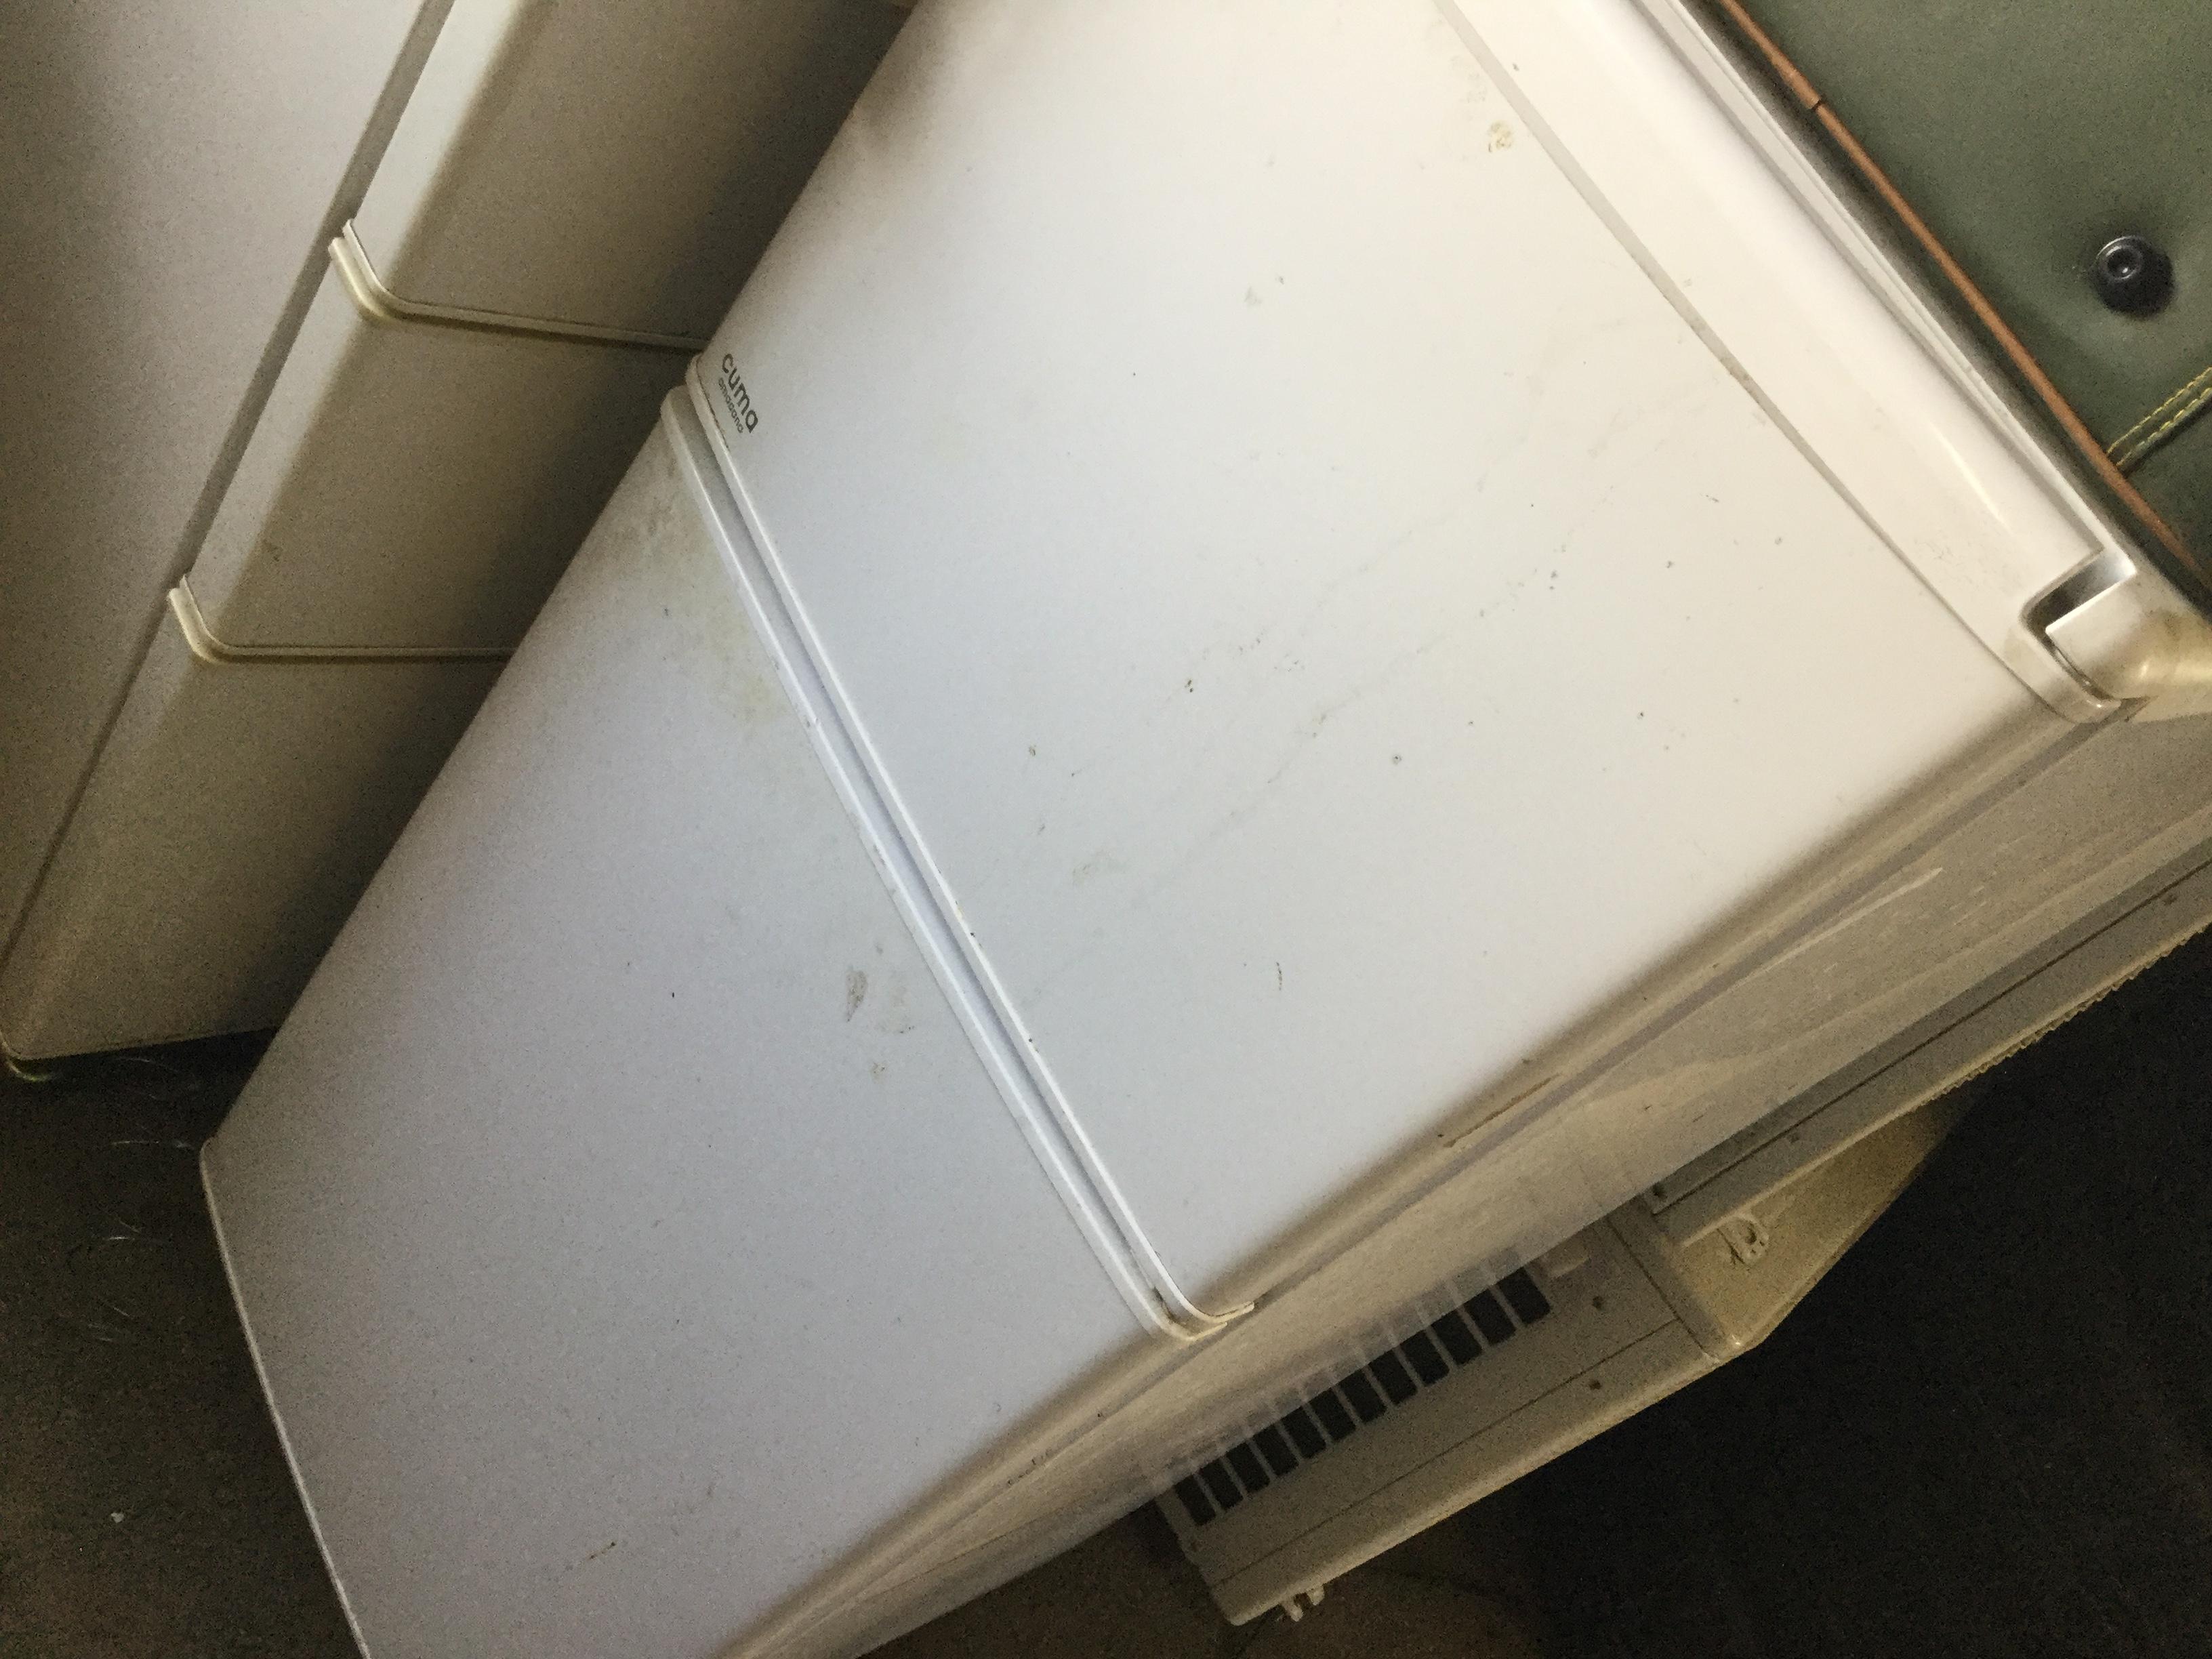 岡山市南区で不用品回収・処分した冷蔵庫